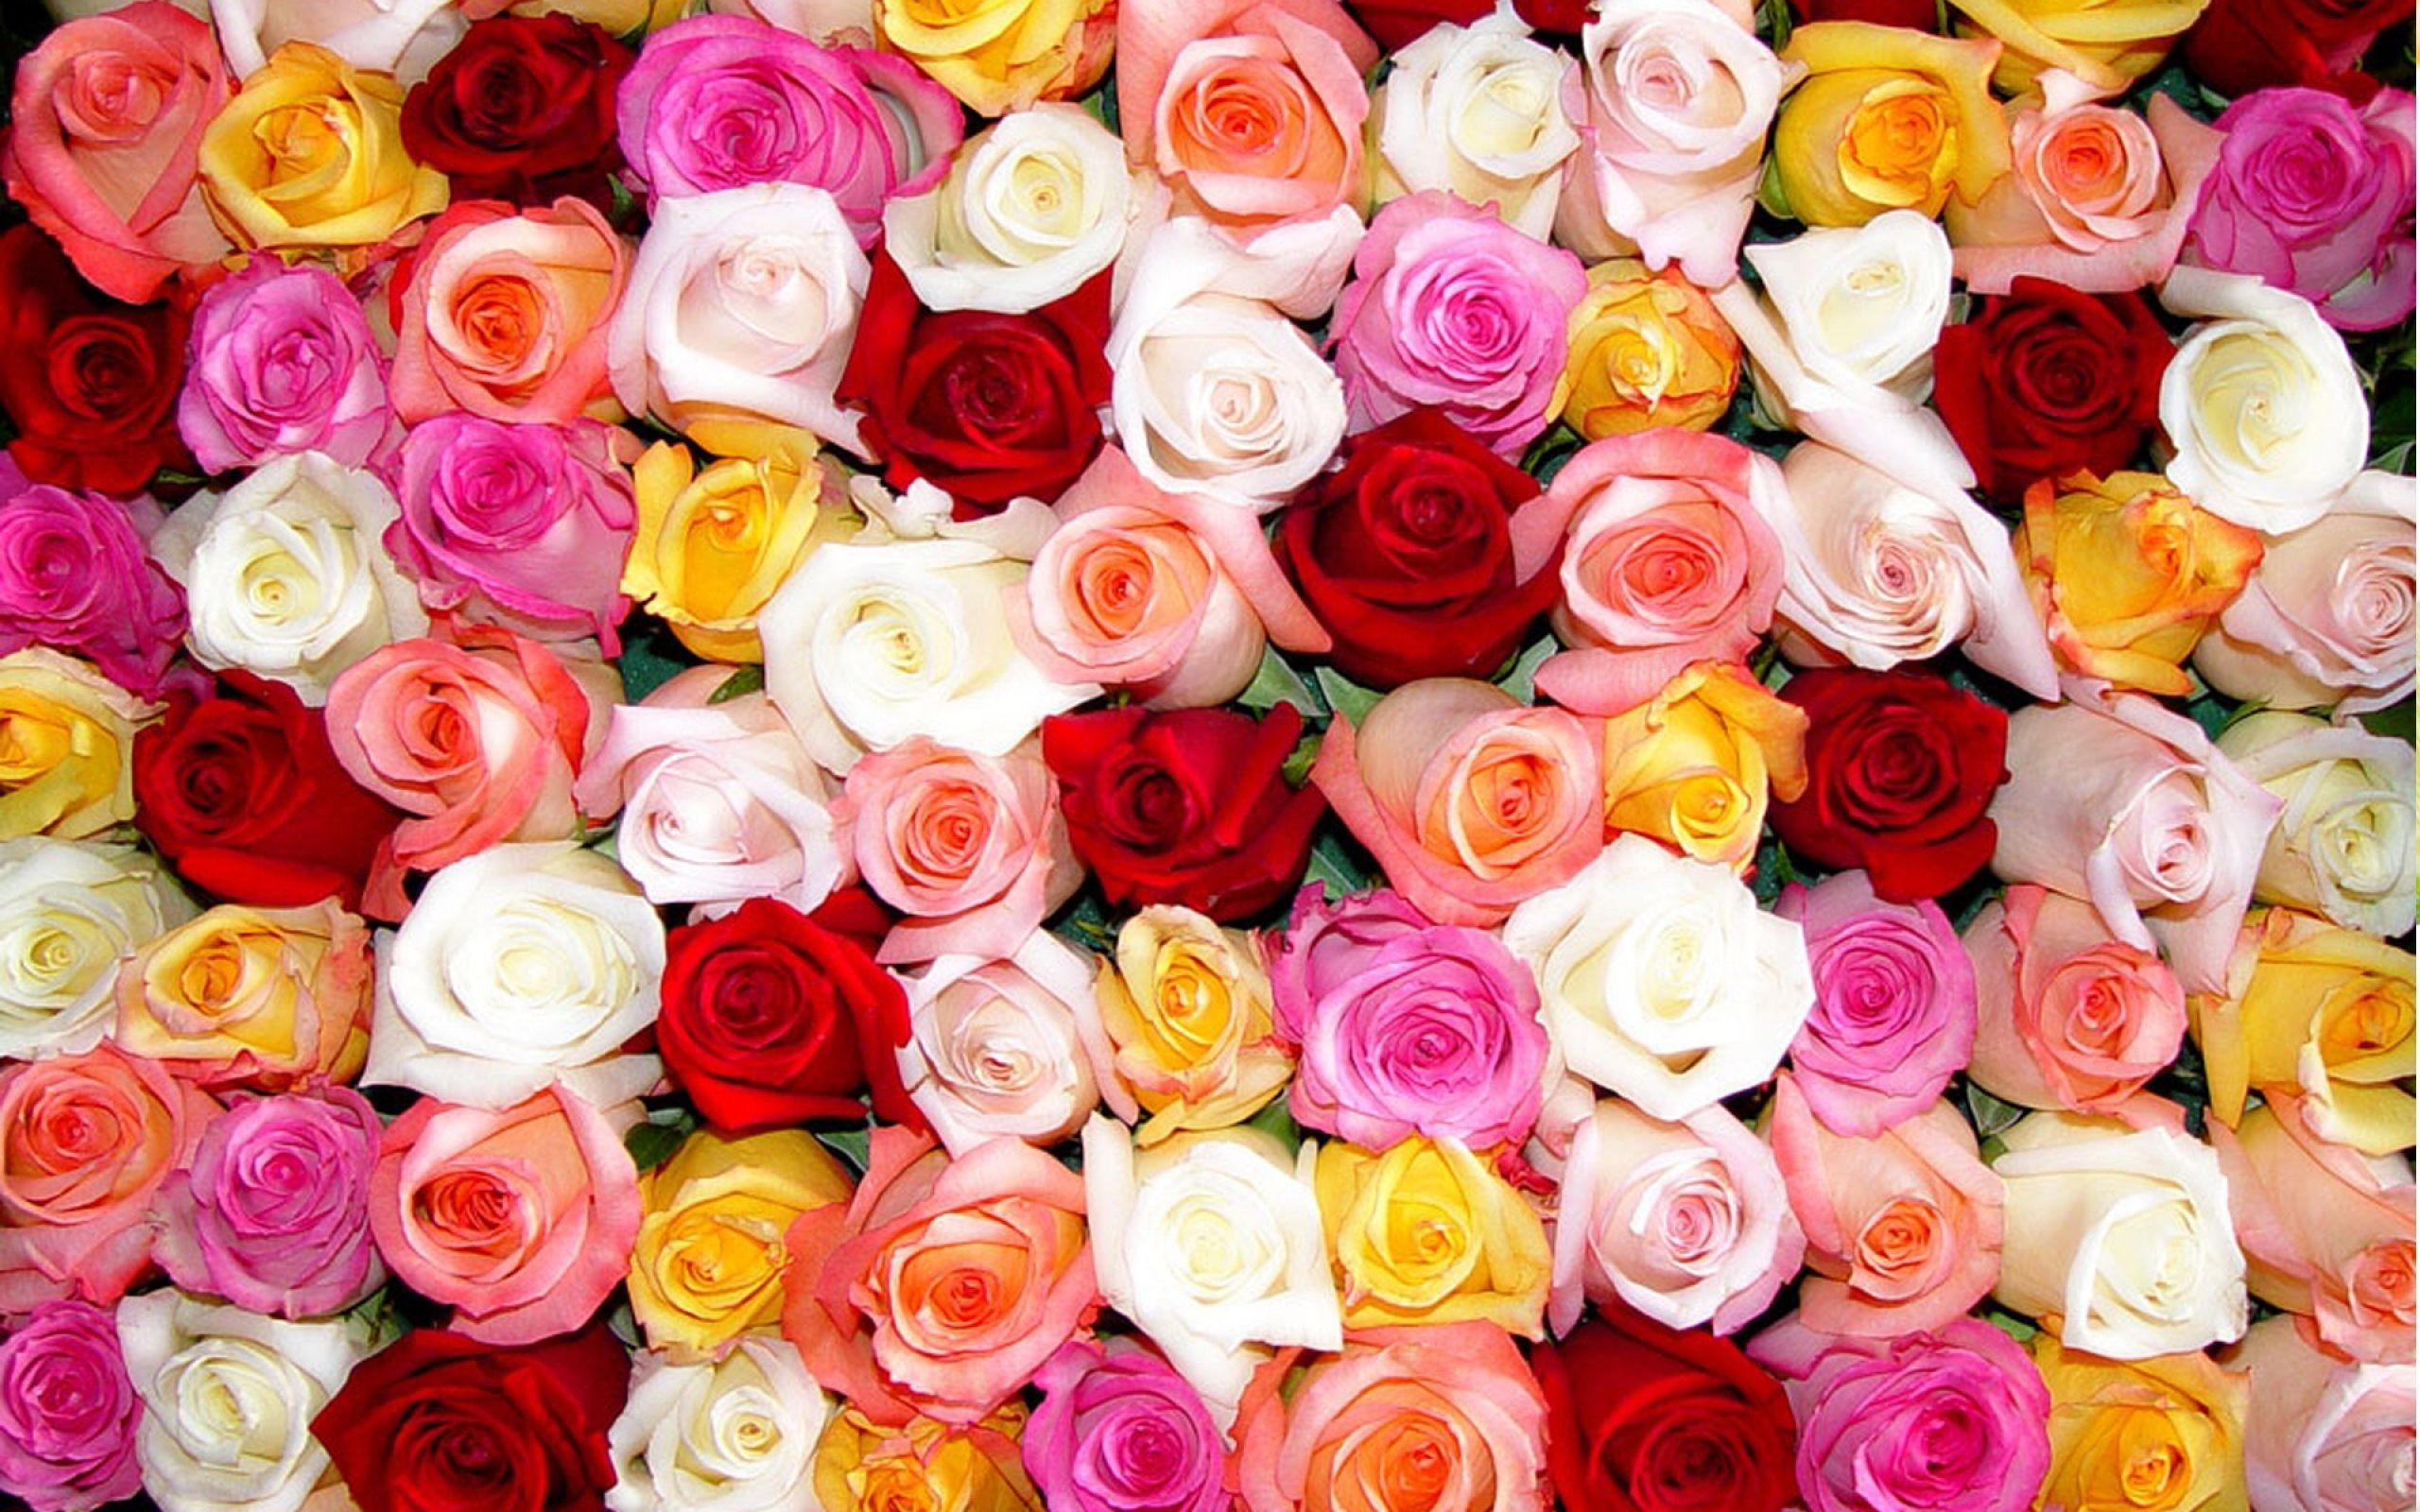 Rose Color Beautiful Flowers Wallpaper Download HD